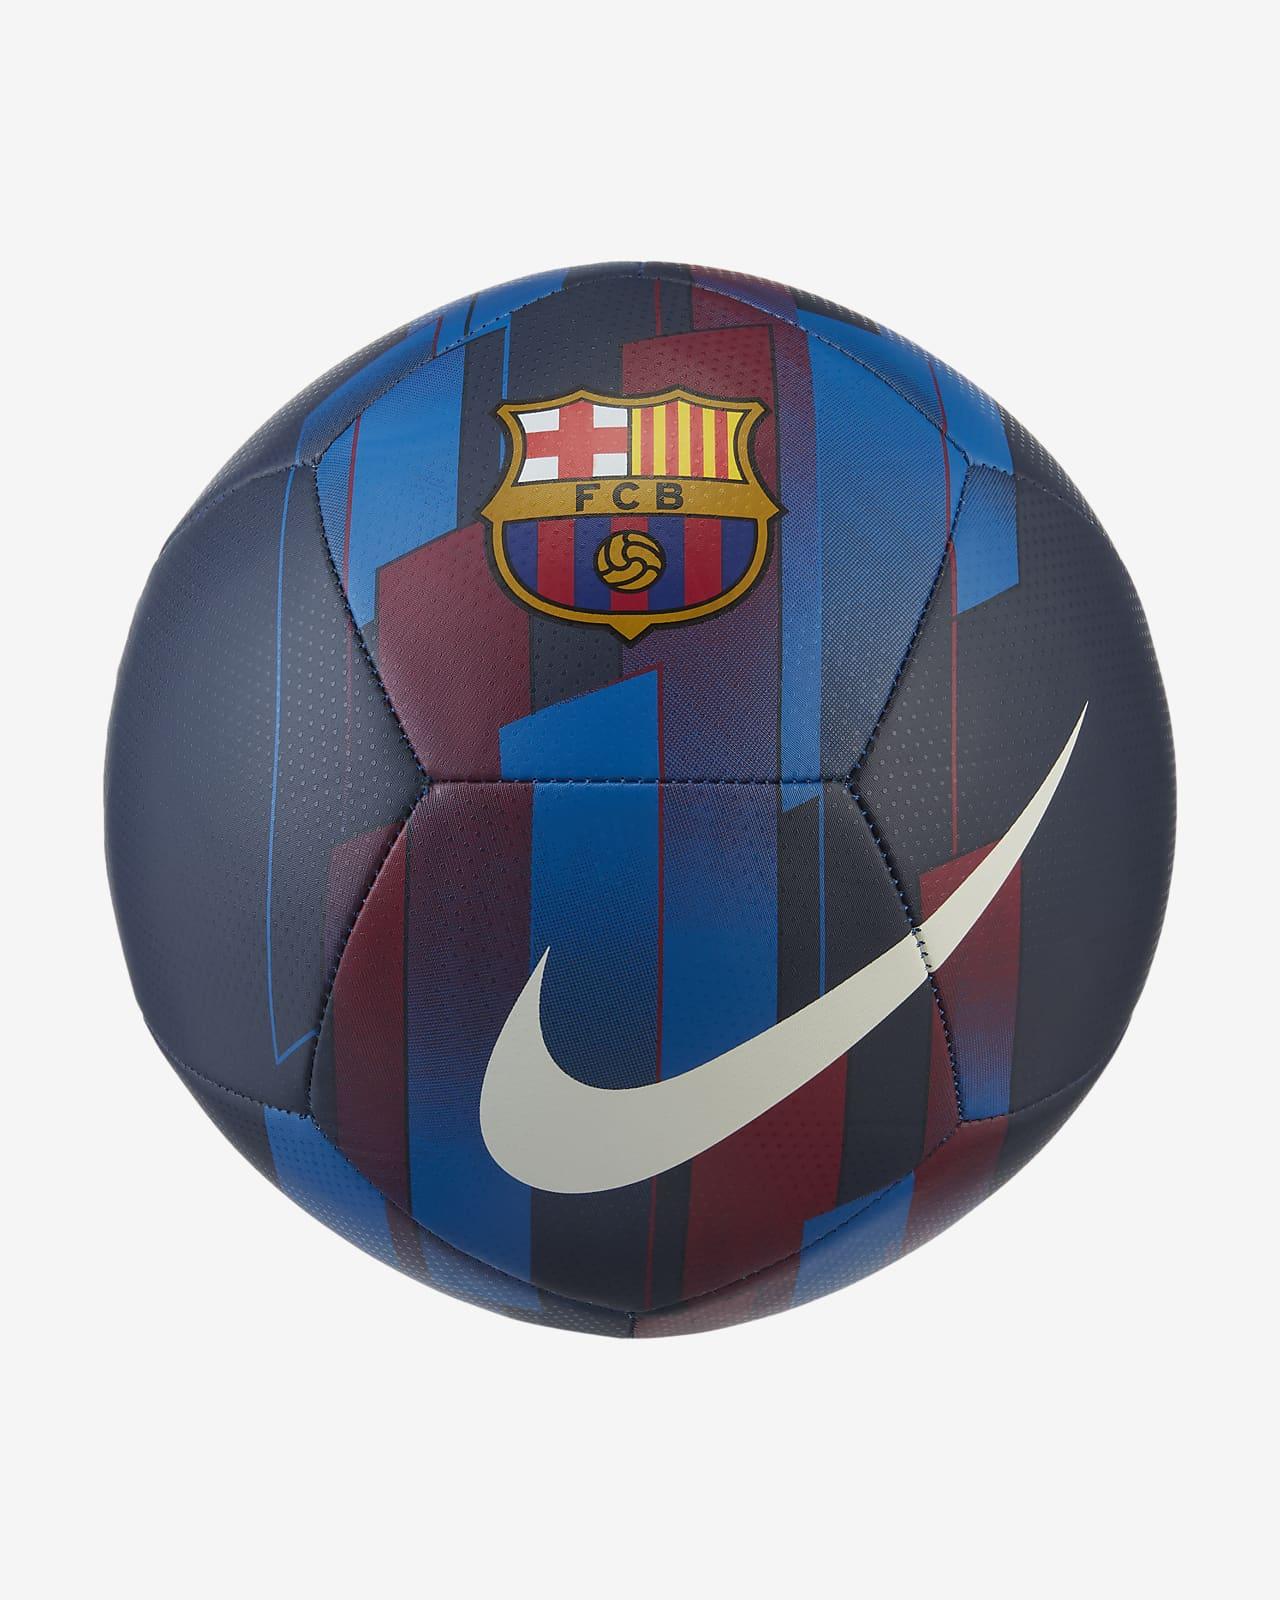 Balón de fútbol FC Barcelona Pitch